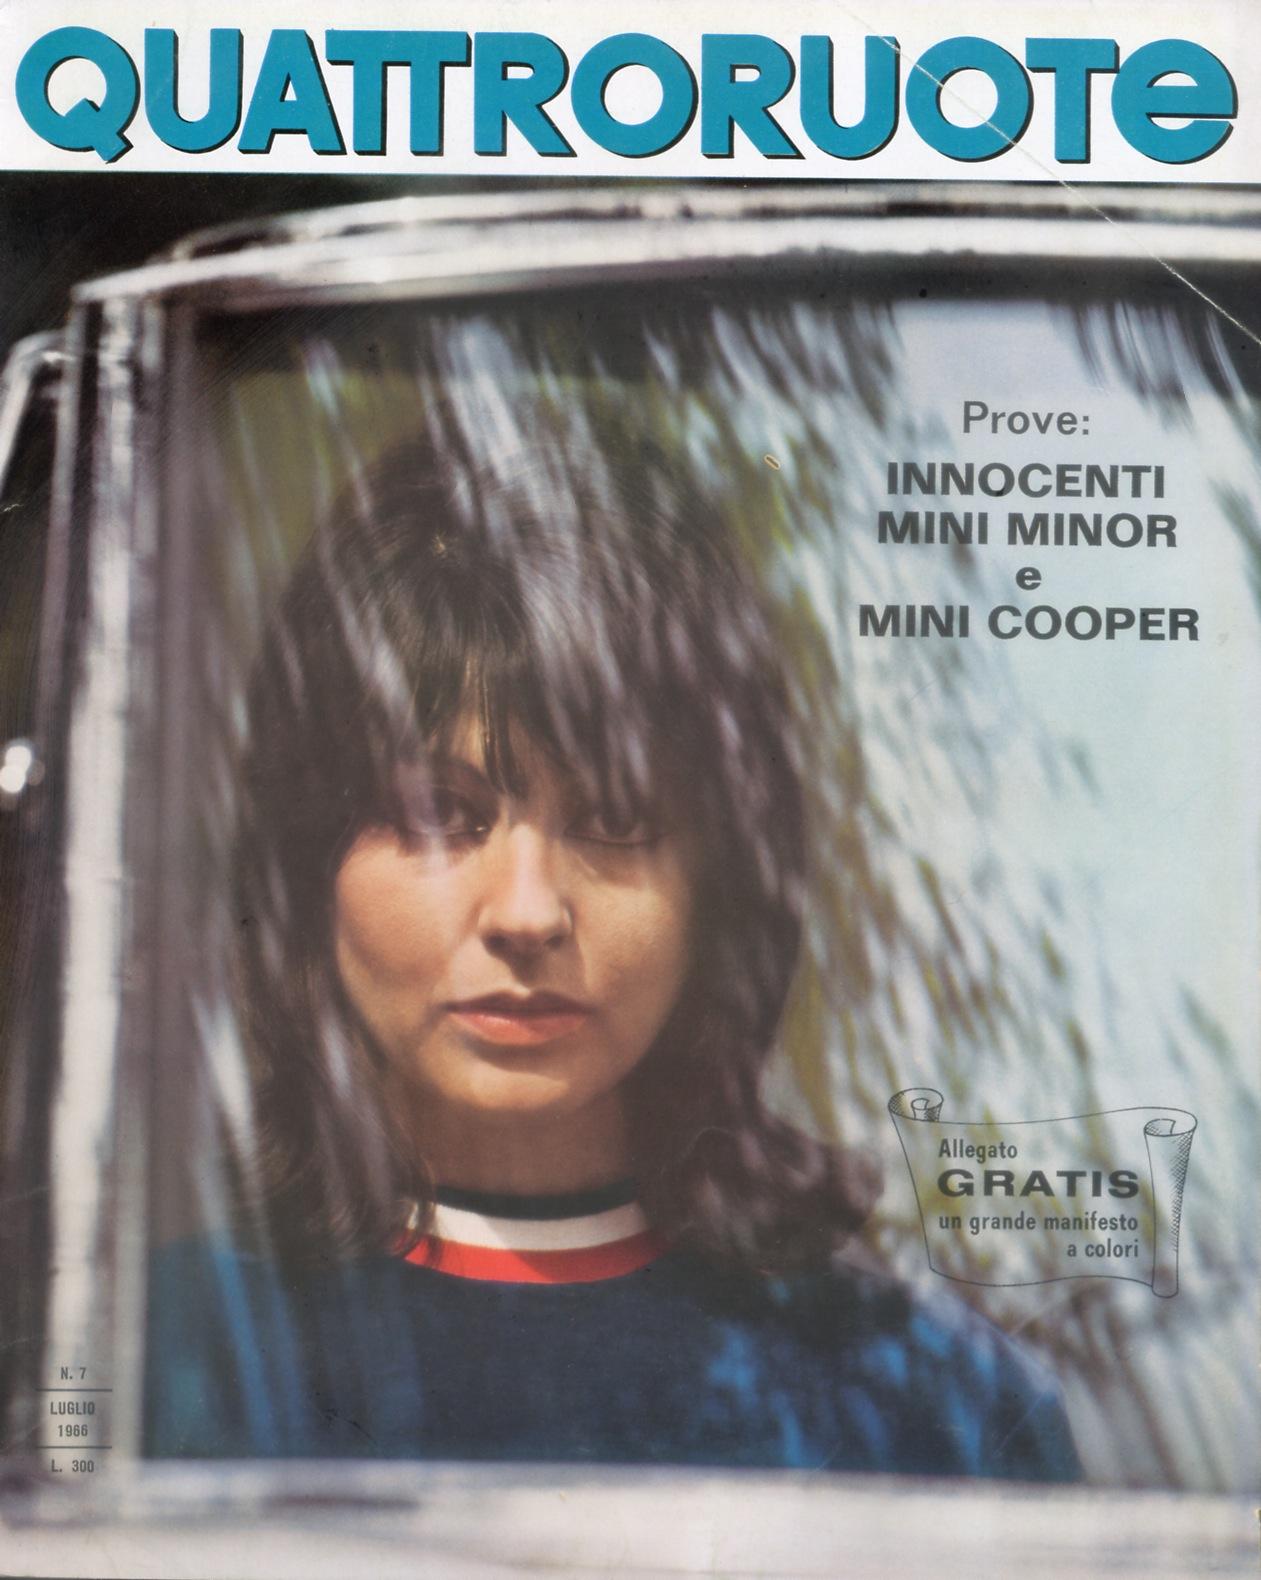 1966 quattroruote copertina luglio 127